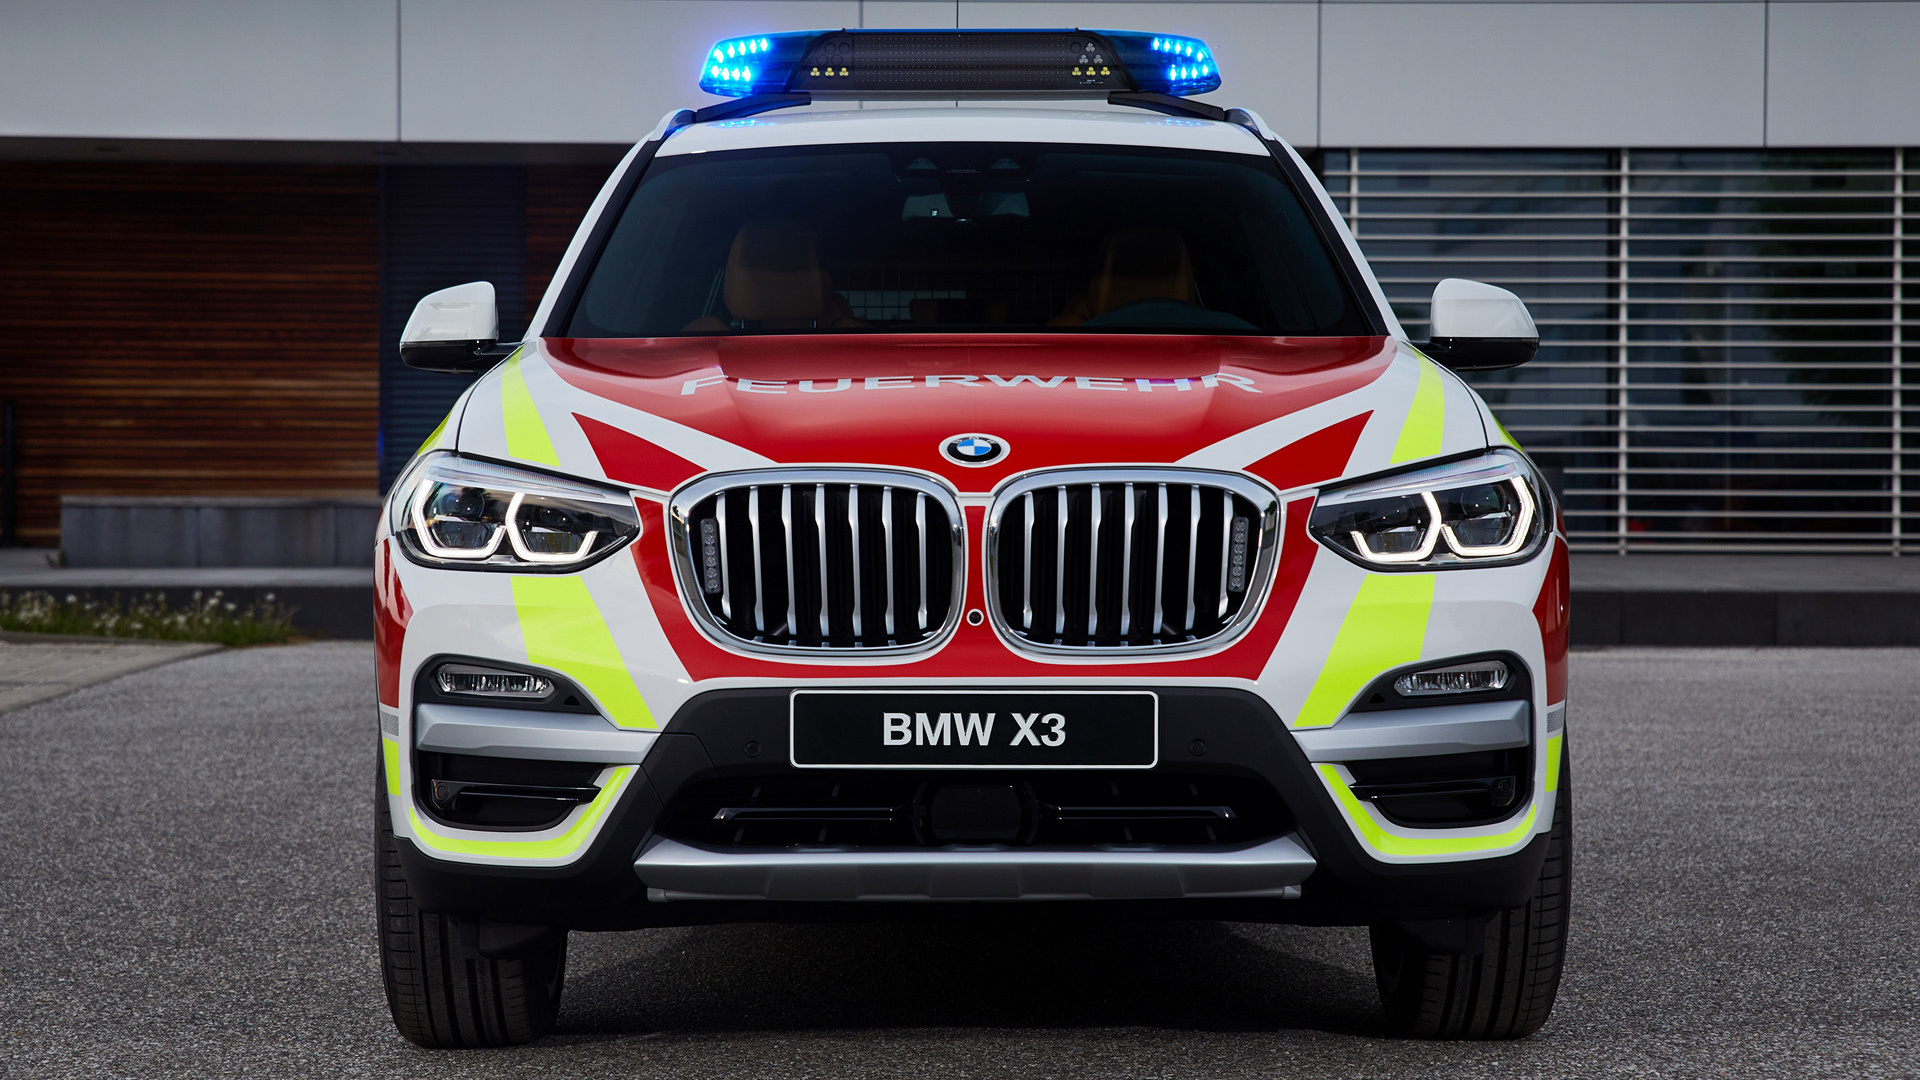 2018 Bmw X3 Feuerwehr